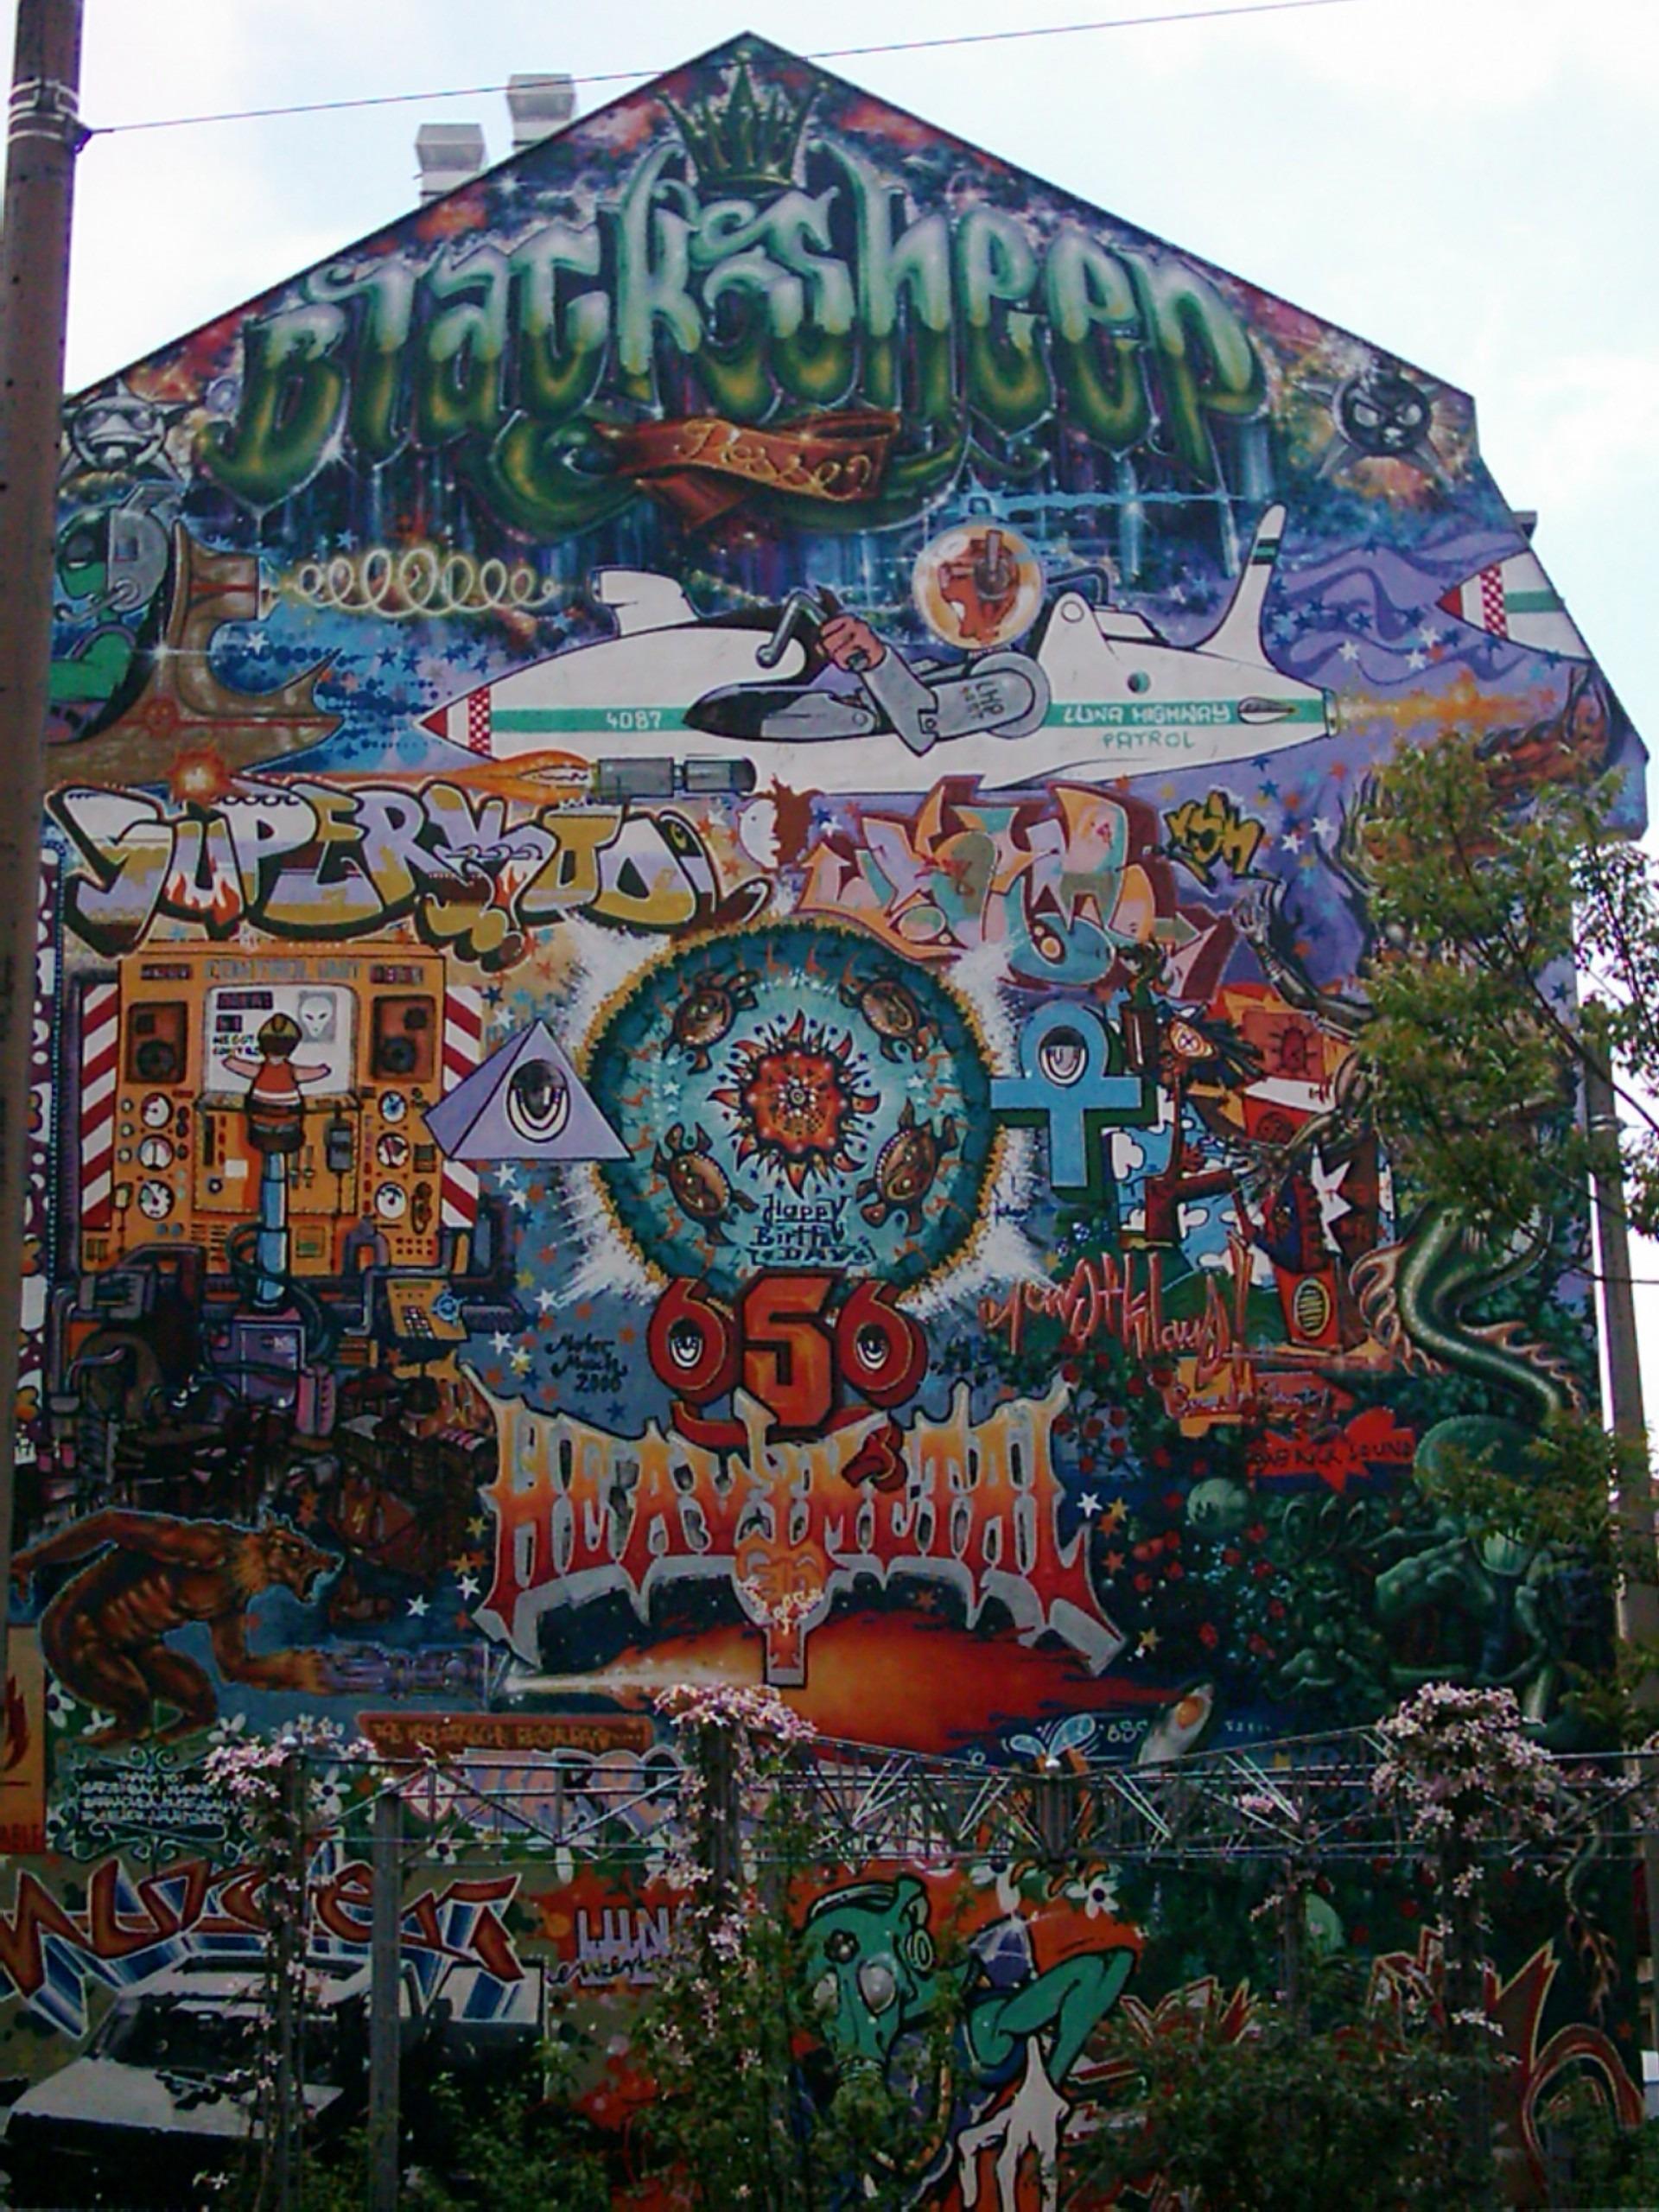 Wunderschön Hausfassade Farbe Galerie Von Freizeitpark Park Residenz Bunt Graffiti Kunst Wandgemälde